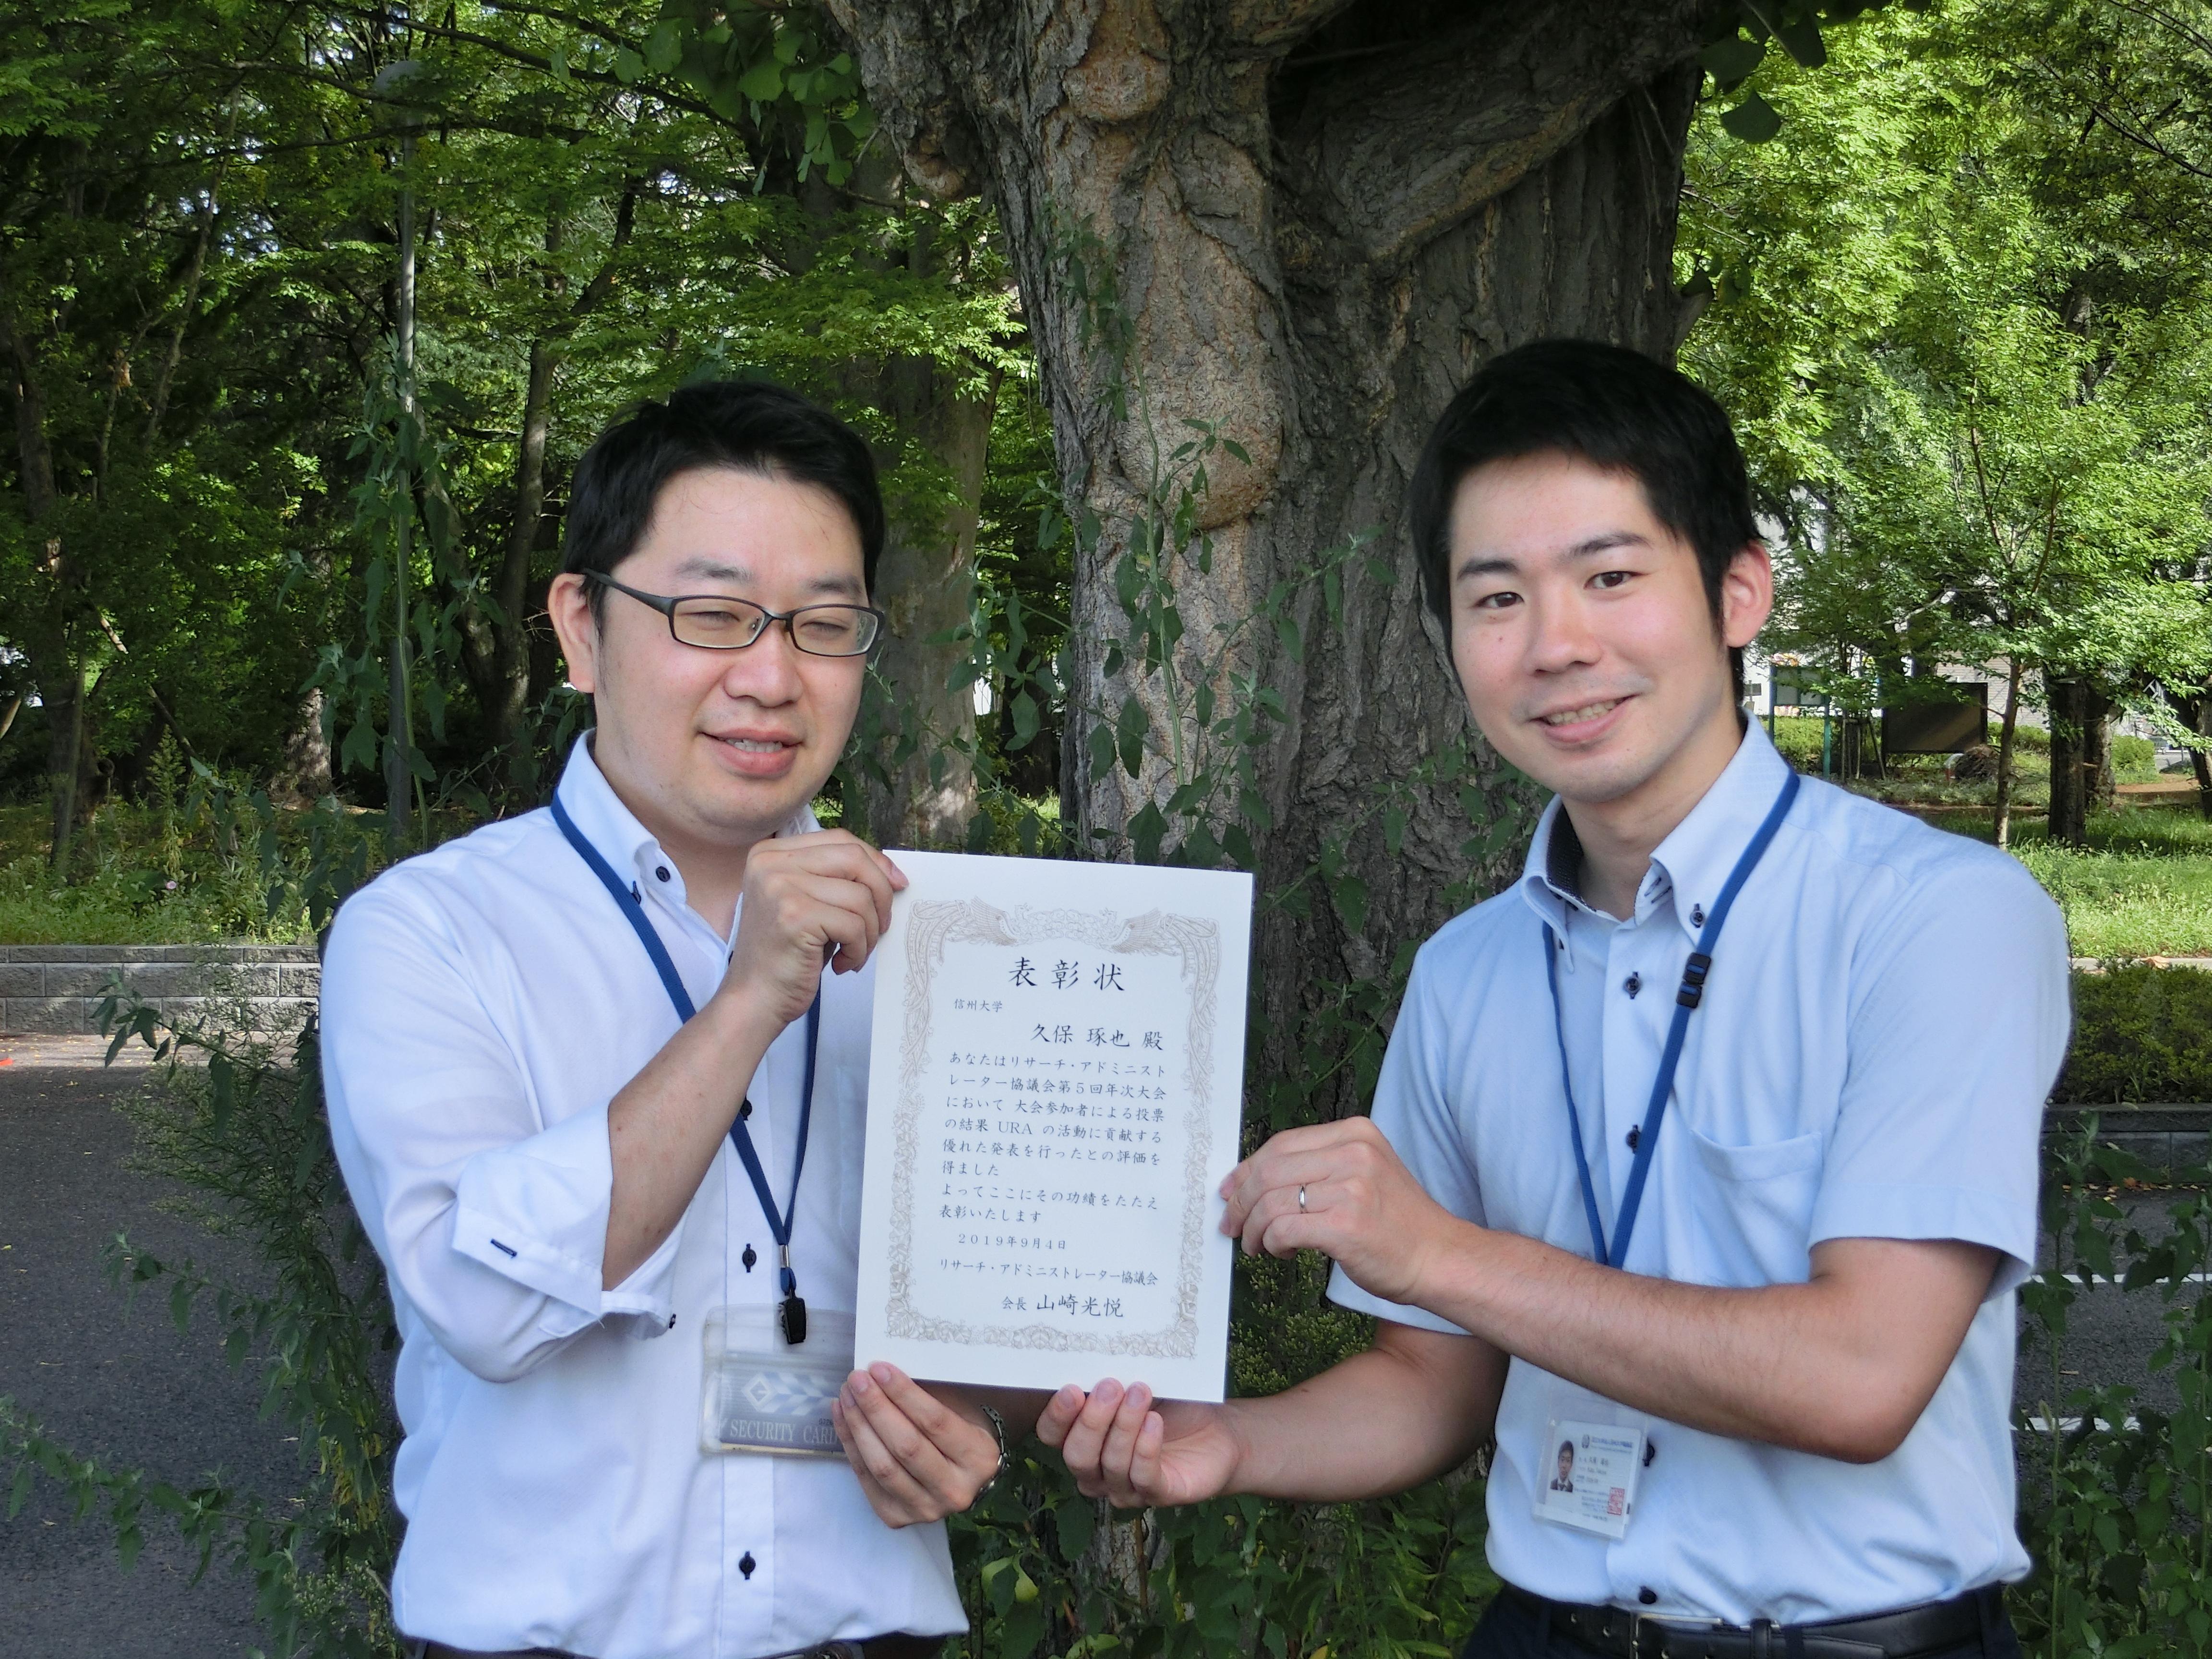 アイキャッチ画像:久保琢也助教と伊藤広幸助教が第5回RA協議会年次大会においてポスター発表賞を受賞